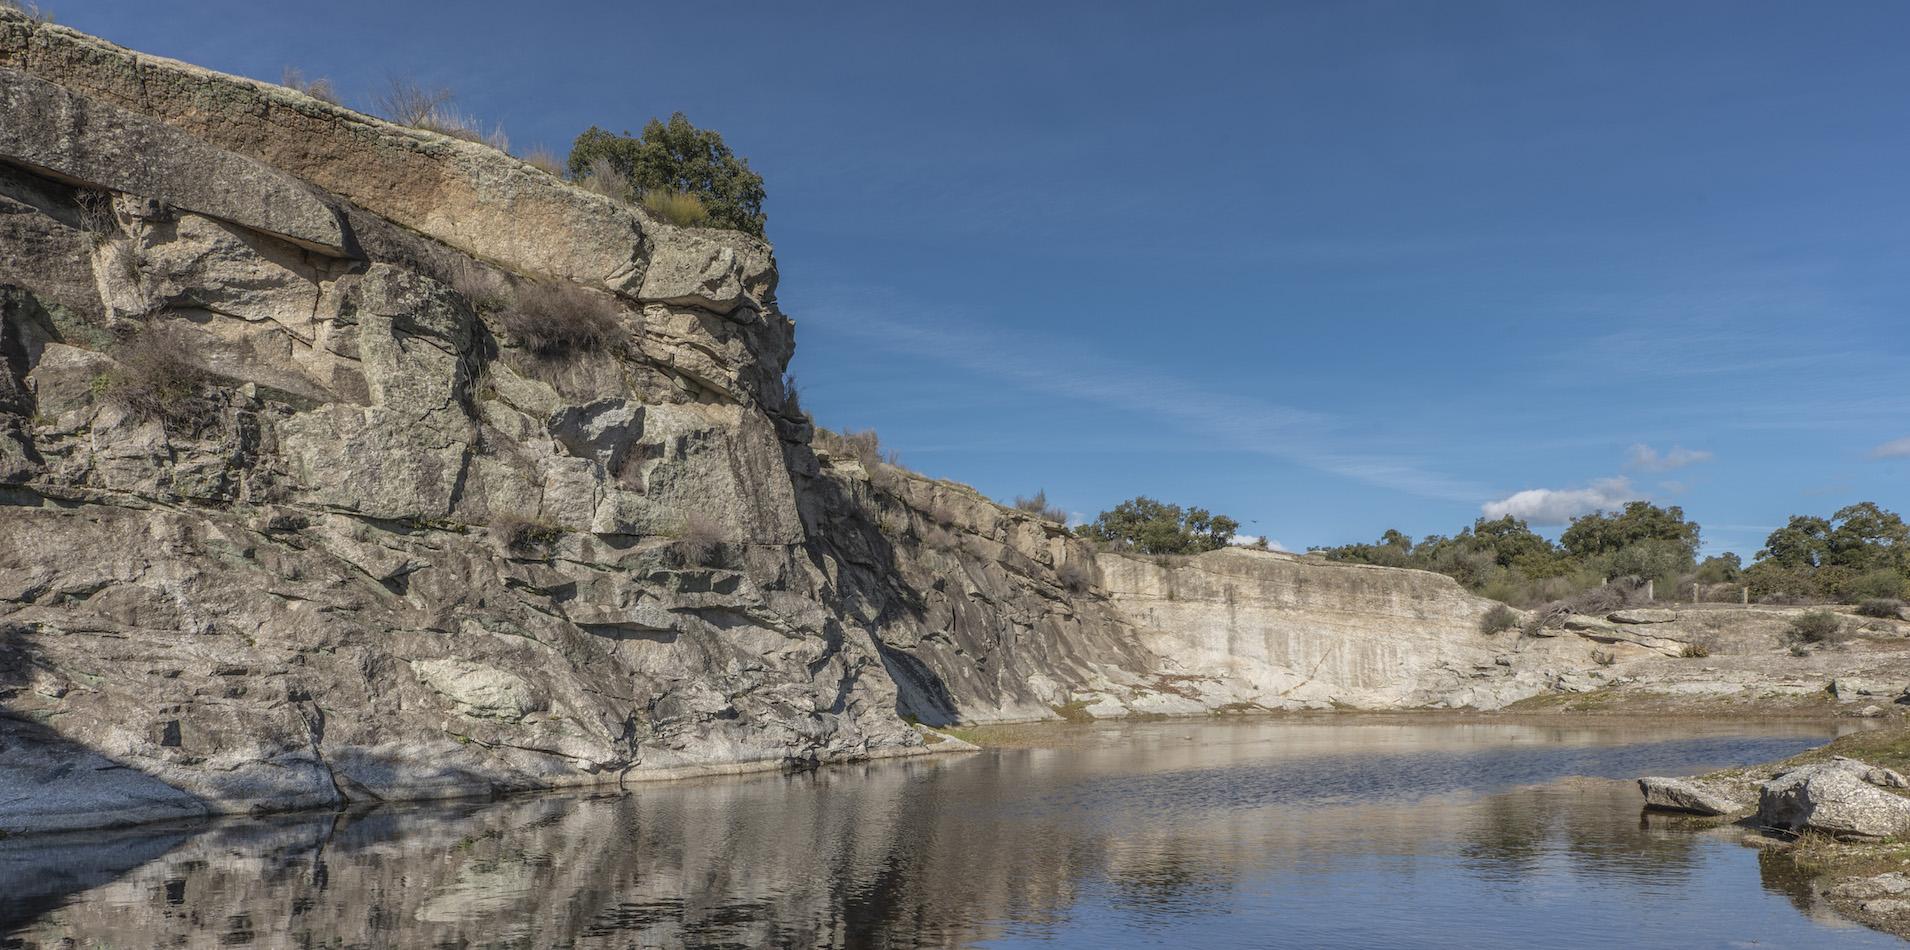 Lacul cel mare cu stanci de granit